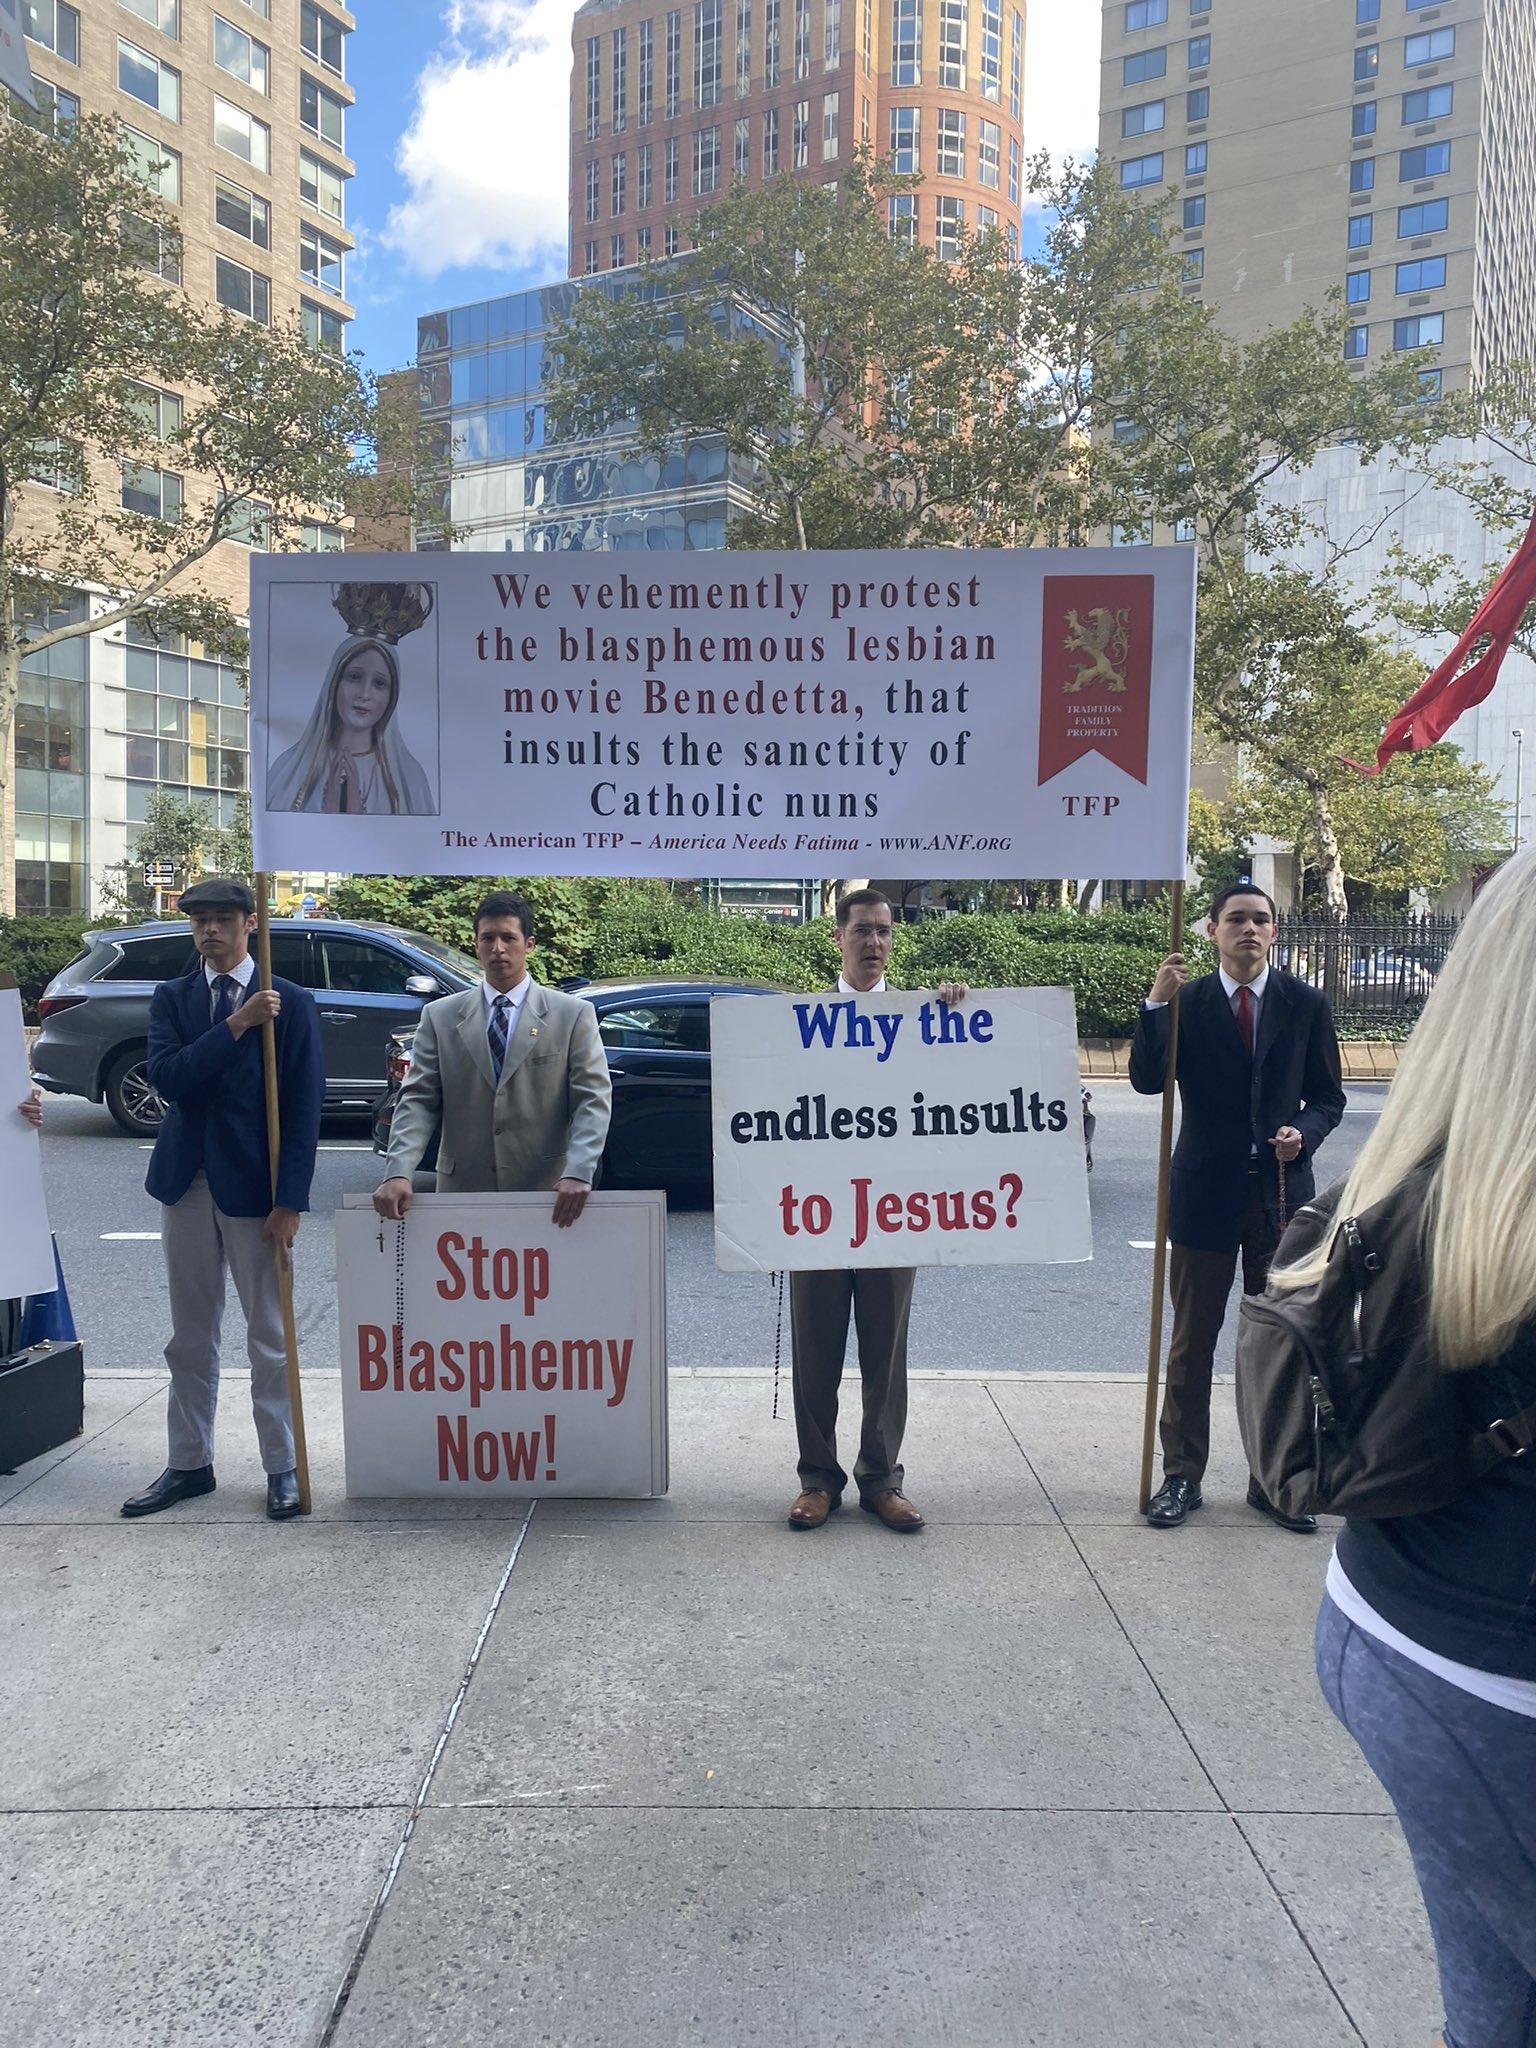 Católicos protestando contra la película Benedetta